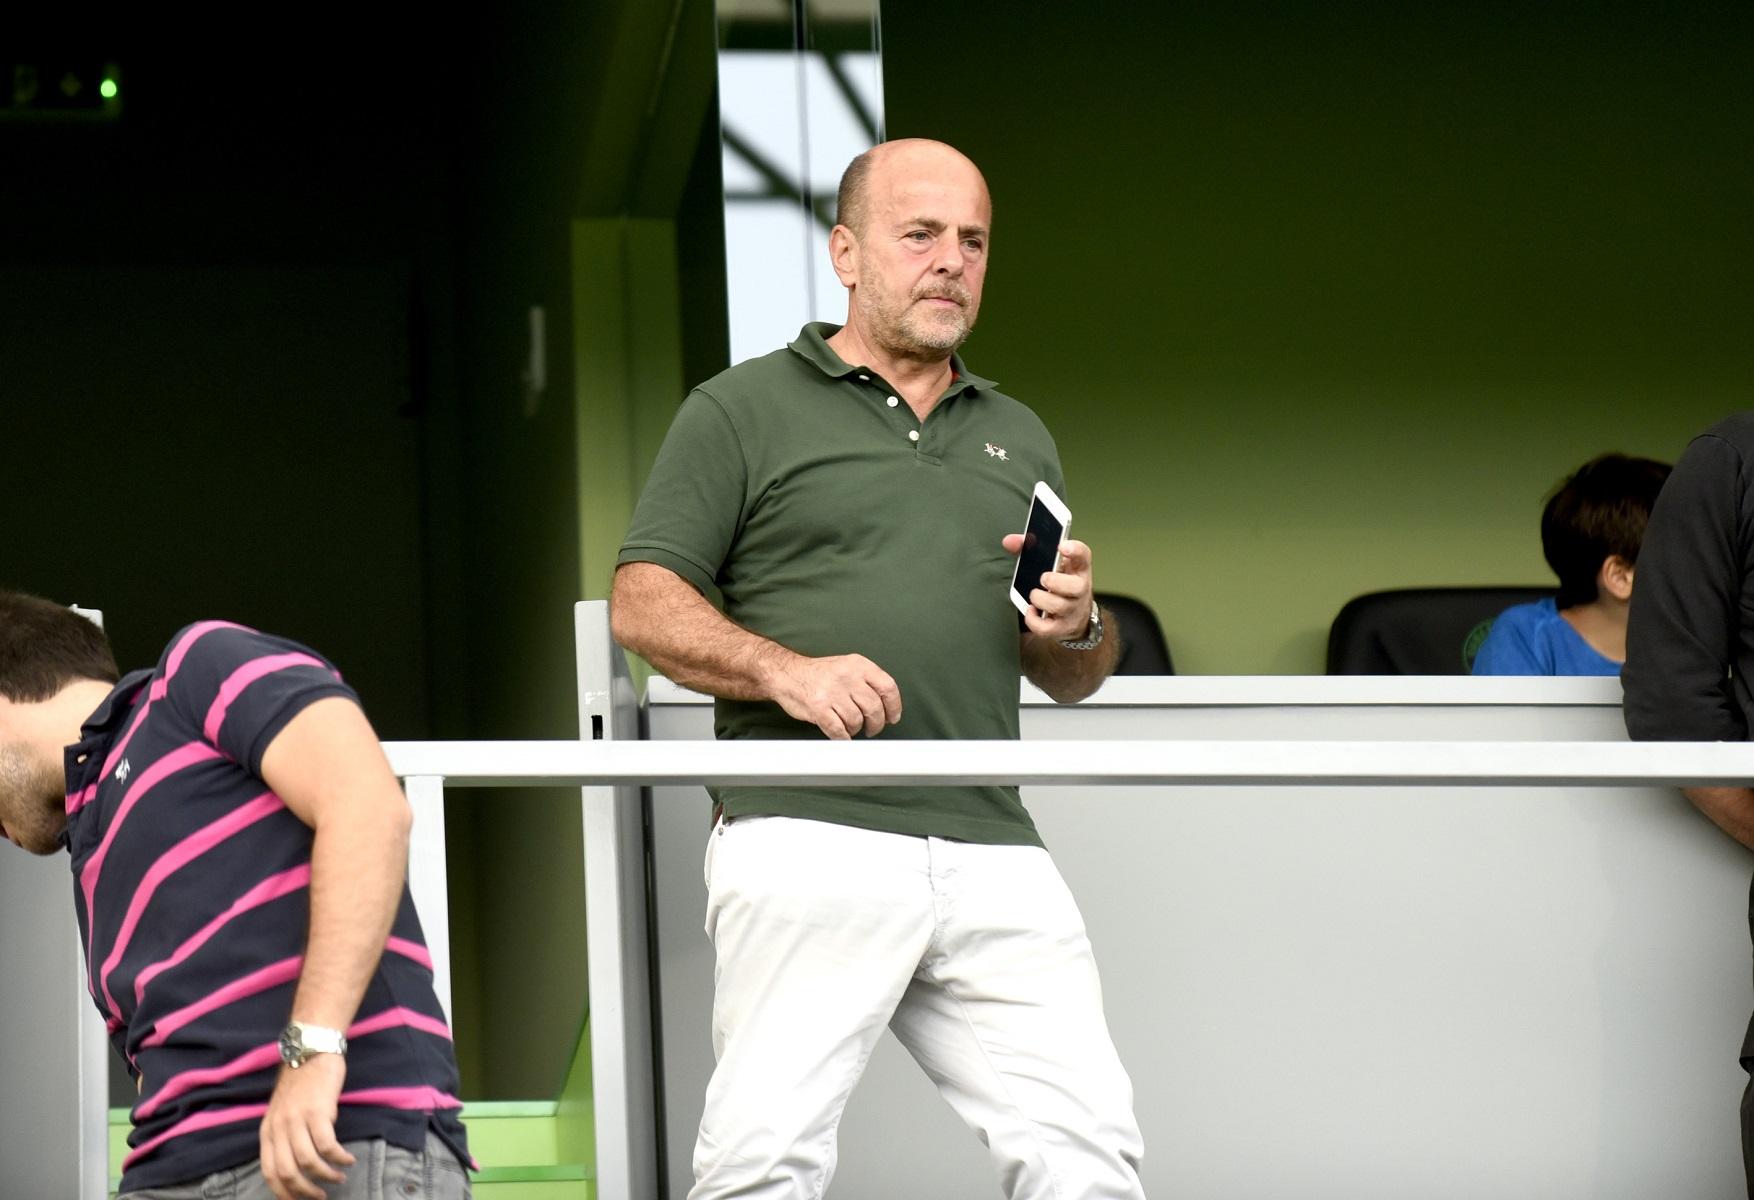 Παναθηναϊκός: Στο Κορωπί ο Αλαφούζος, τα είπε με Γιοβάνοβιτς και παίκτες | panathinaikos24.gr